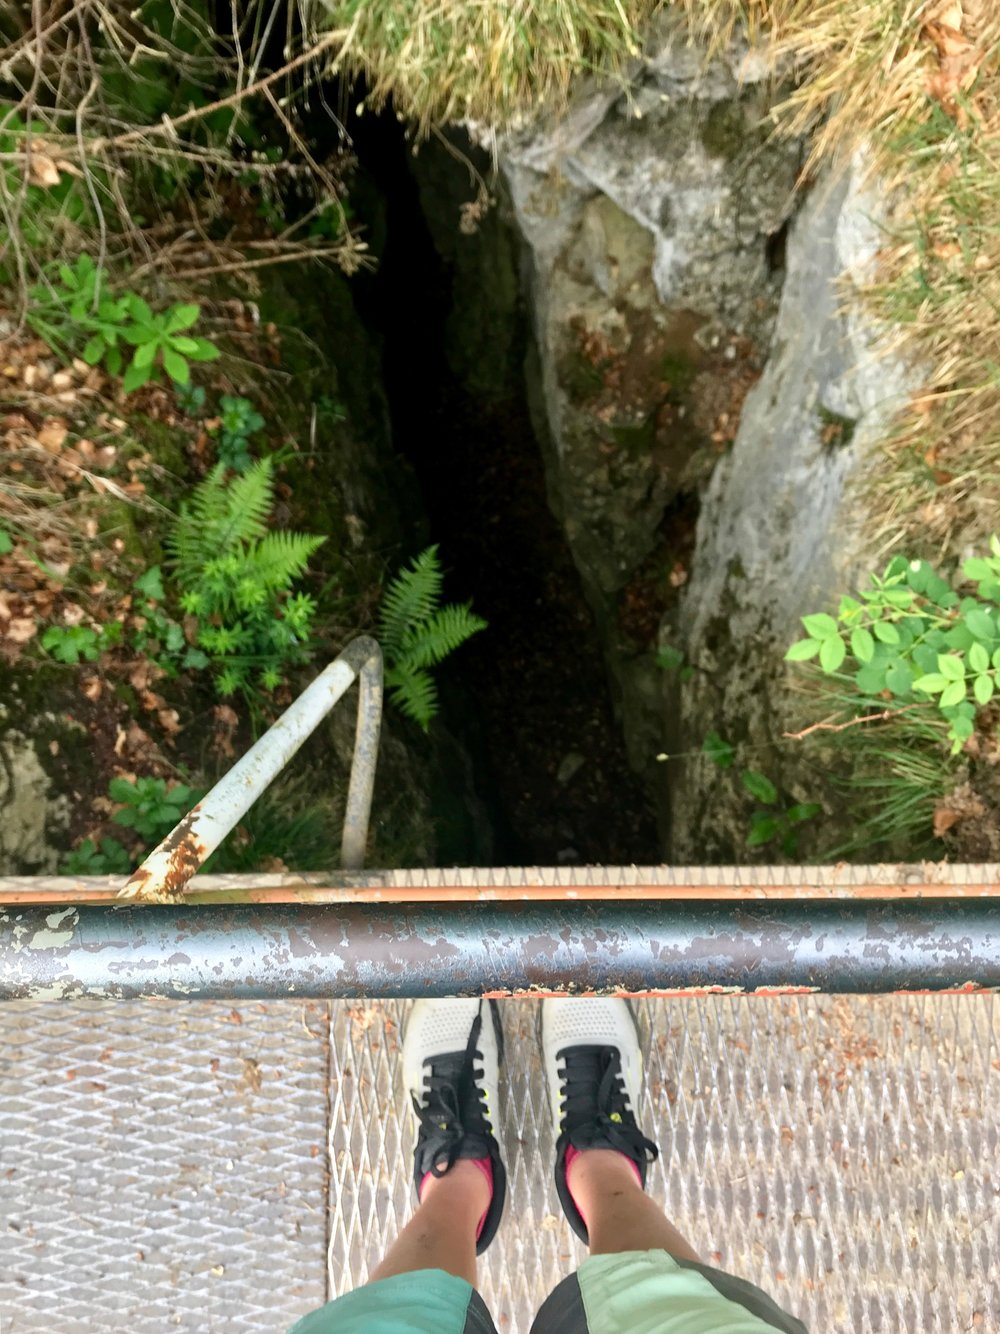 Blick in die Tiefe - 12 Meter! - vom Lügebrückle.